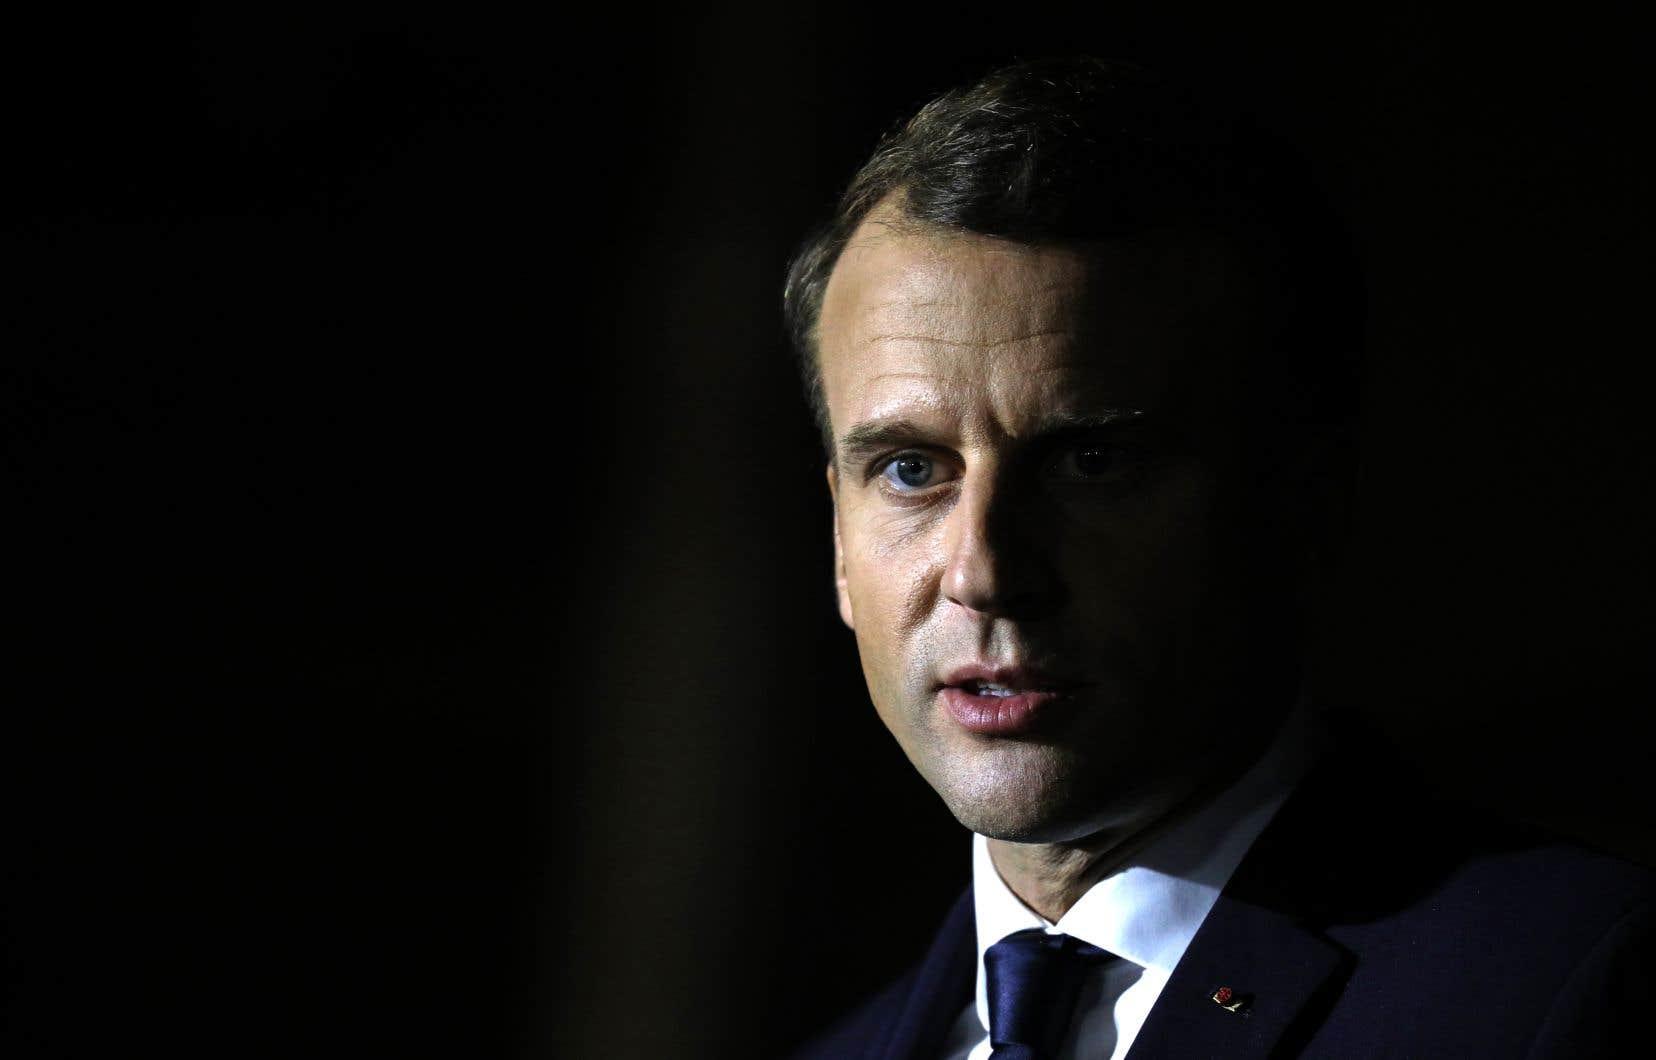 L'affaire tombe mal pour le président français Emmanuel Macron, qui a besoin d'une base solide au moment d'affronter des syndicats en colère contre ses réformes.